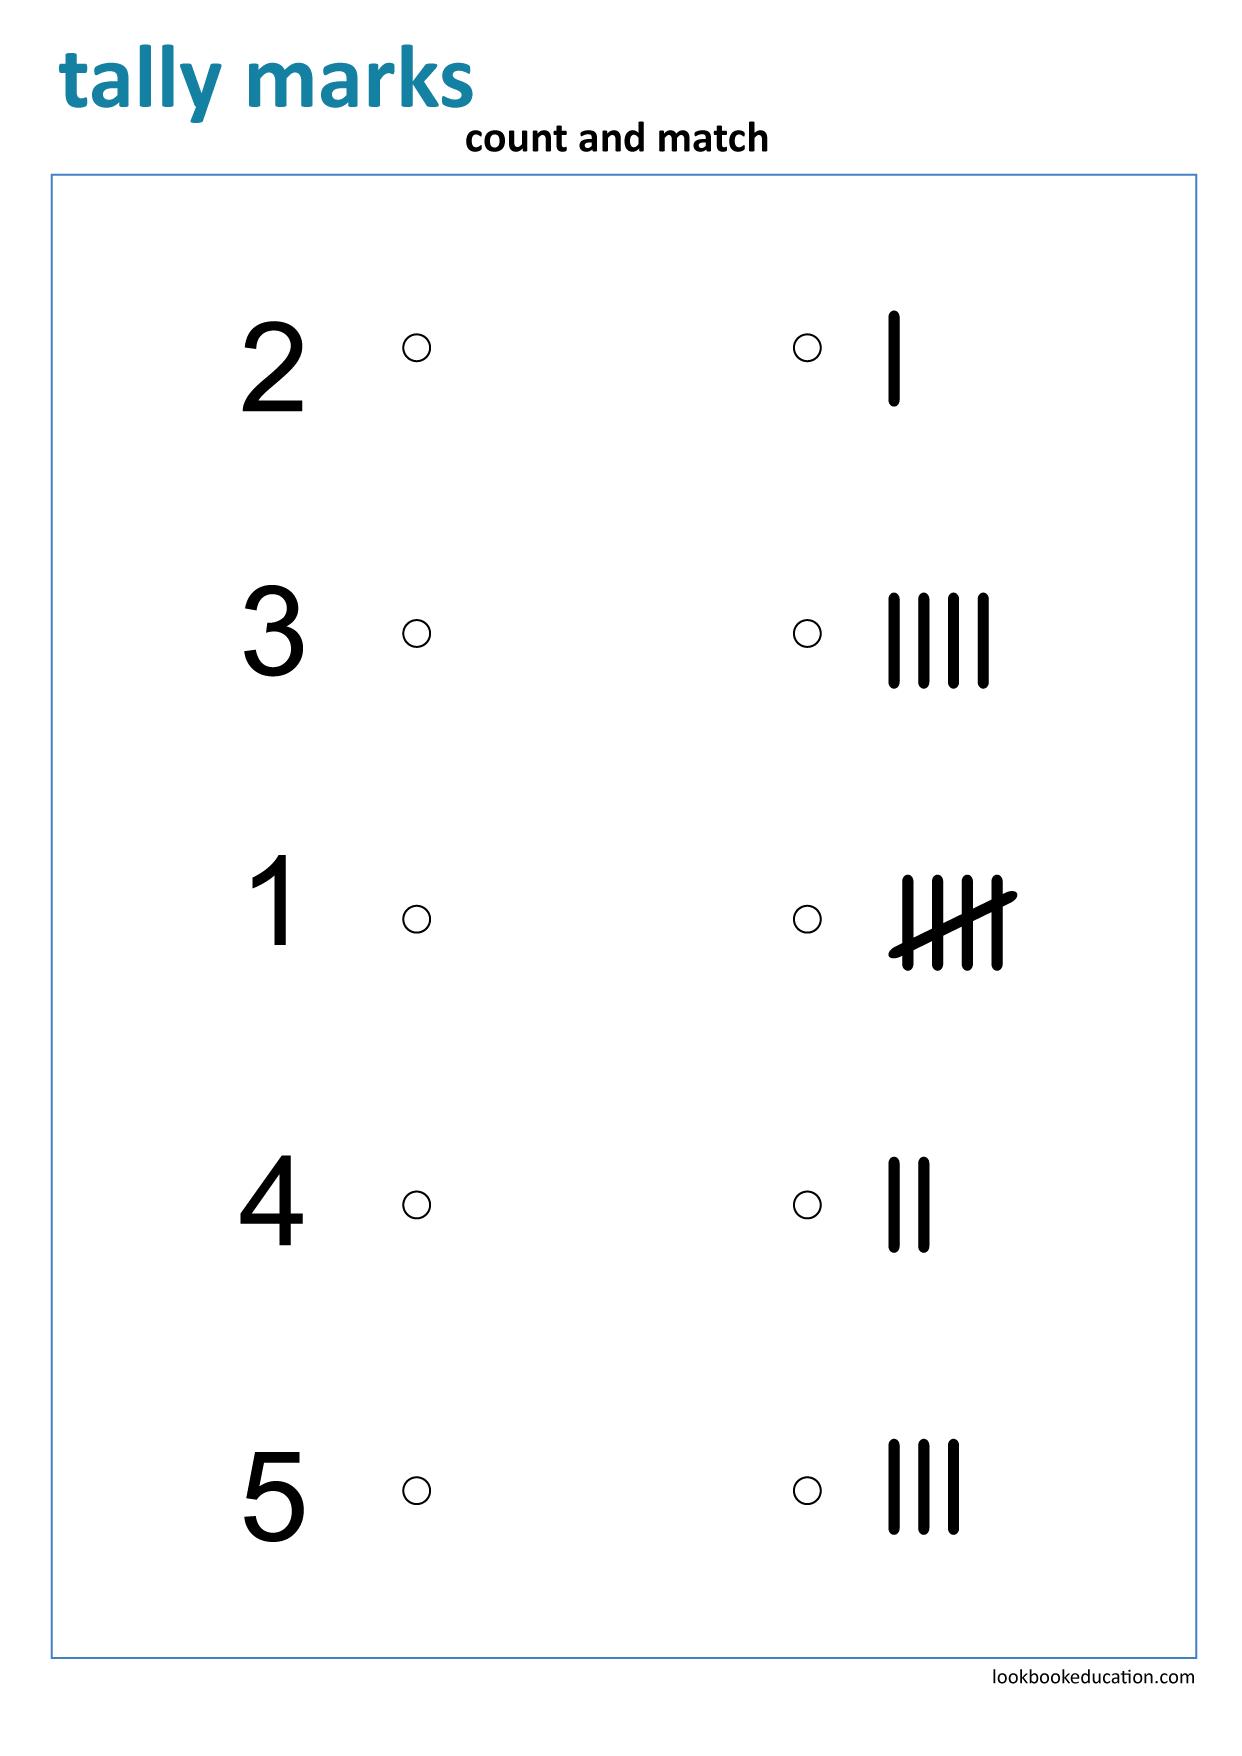 Worksheet Tally Marks Worksheets Numbers Preschool First Grade Worksheets [ 1756 x 1242 Pixel ]